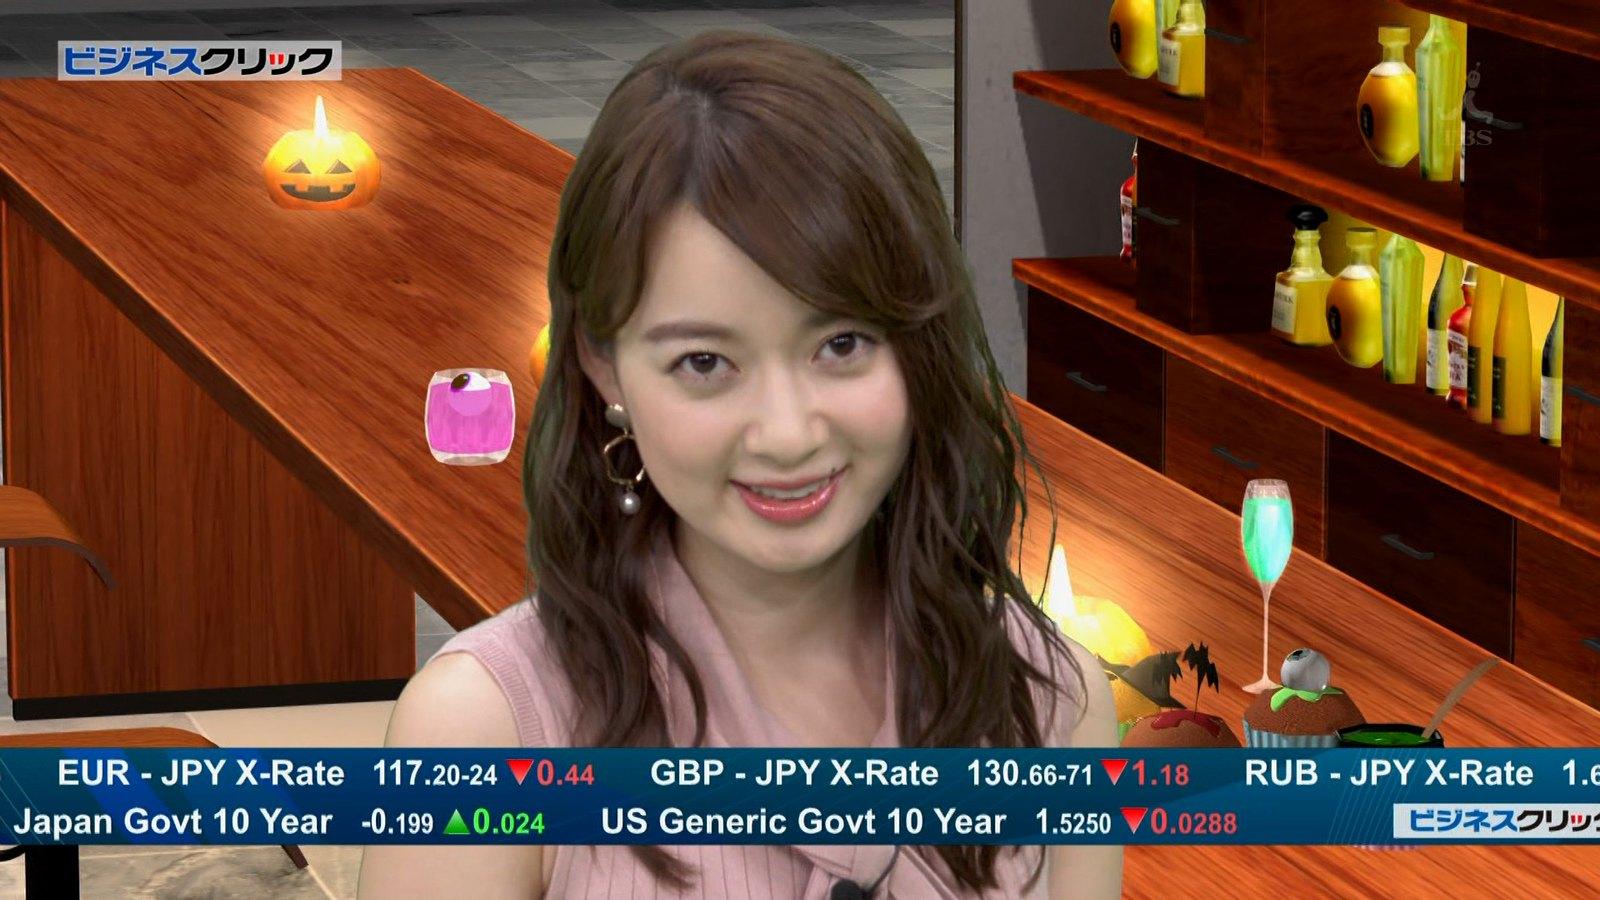 2019年10月8日に放送された「ビジネスクリック」に出演した中城あすかさんのテレビキャプチャー画像-050